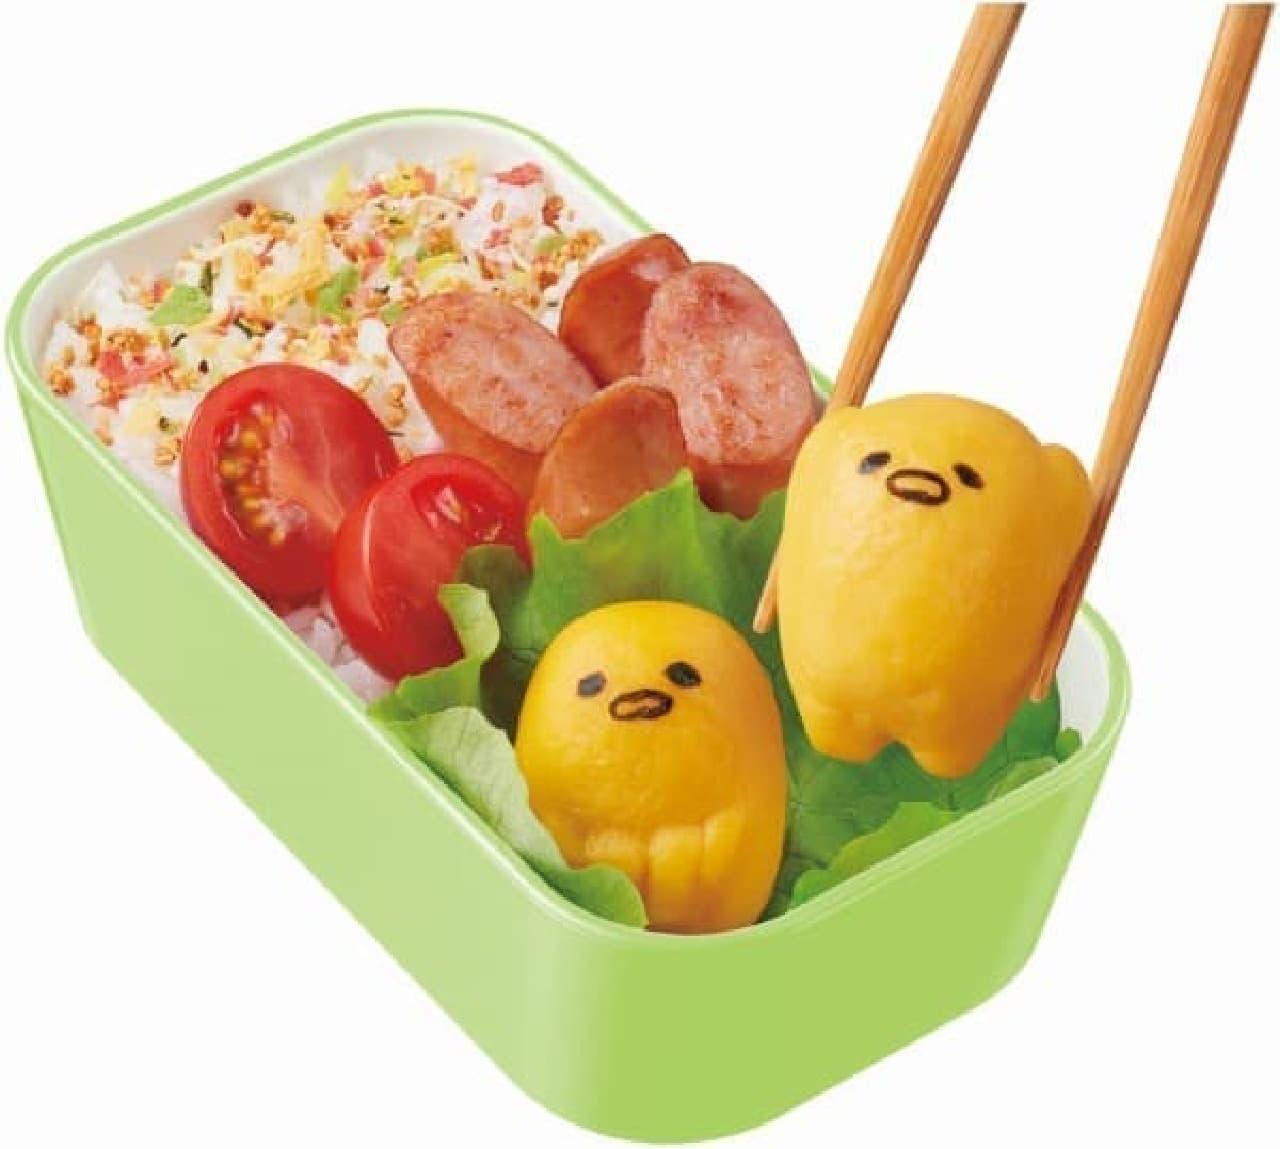 紀文食品「ぐでたま たまごかまぼこ」